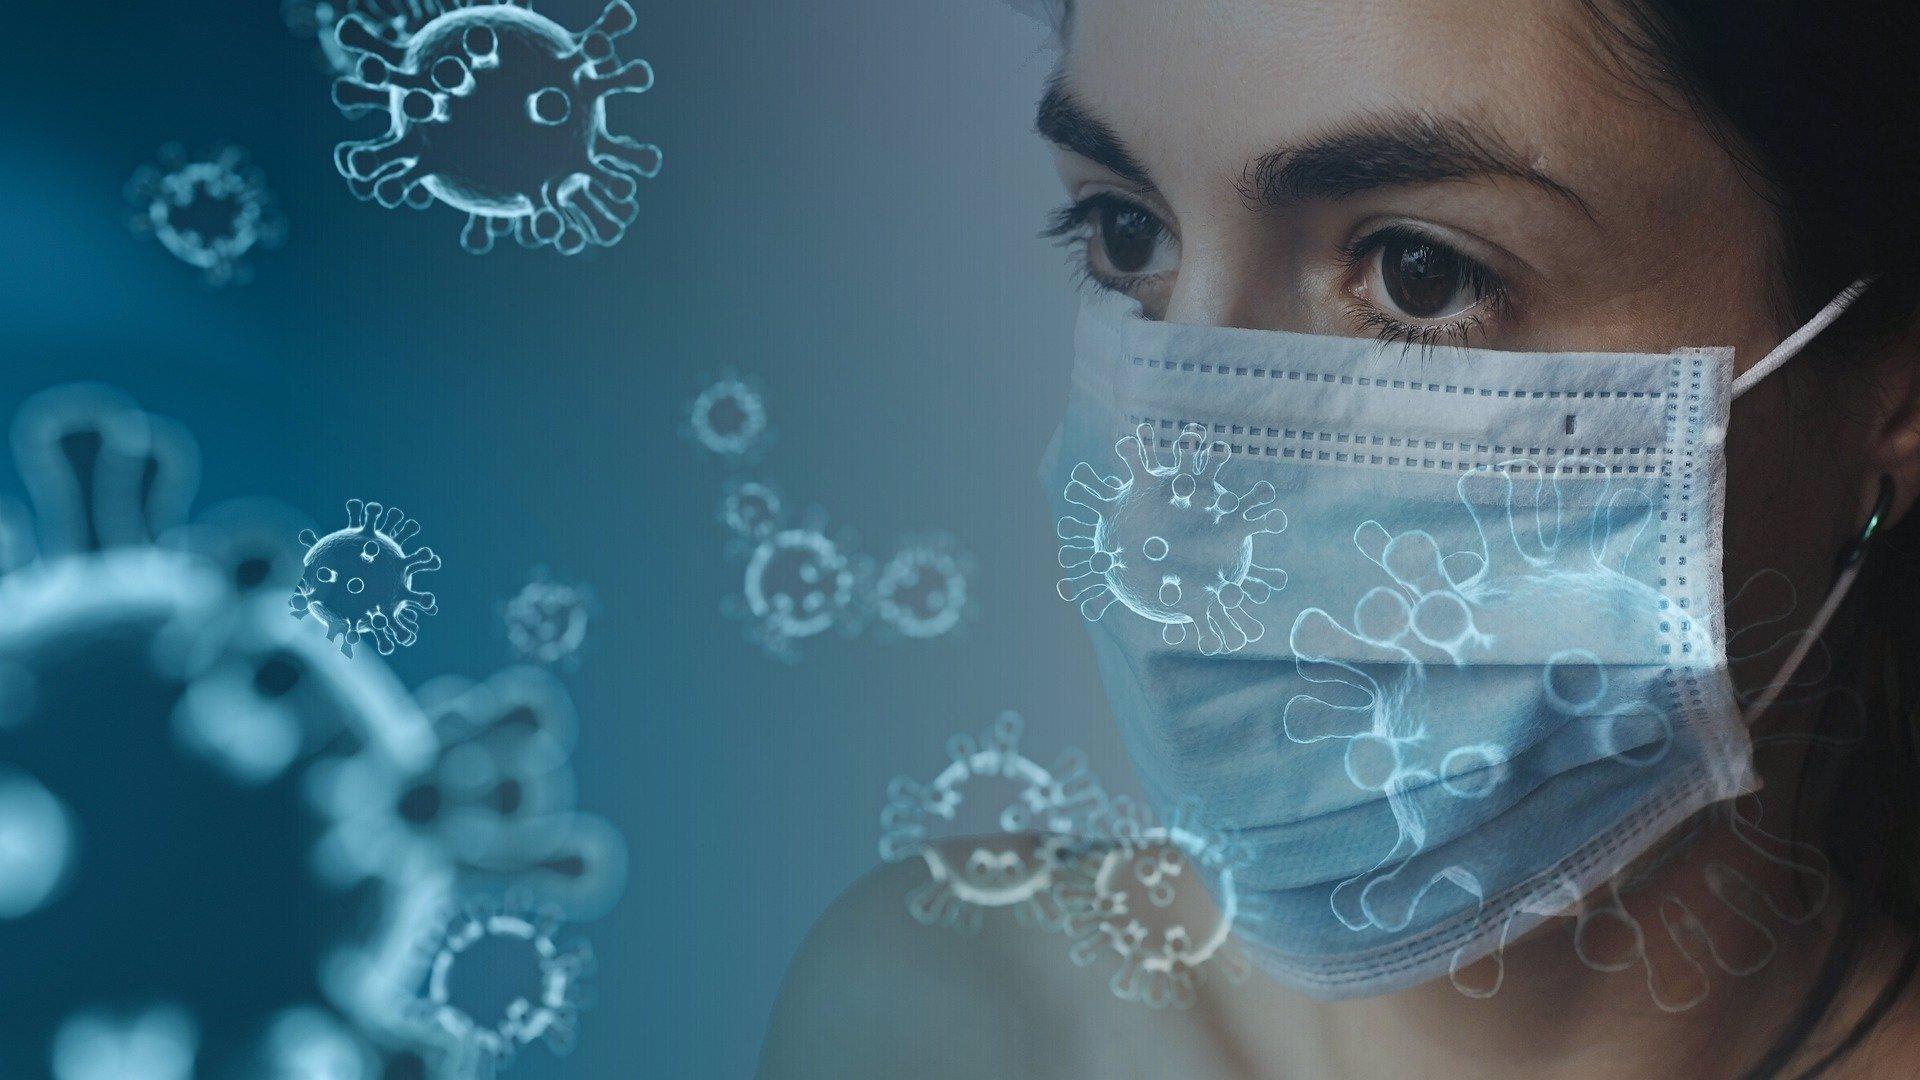 Švýcarský výzkumník přišel s vakcínou proti koronaviru: Očkovat chce začít už v říjnu